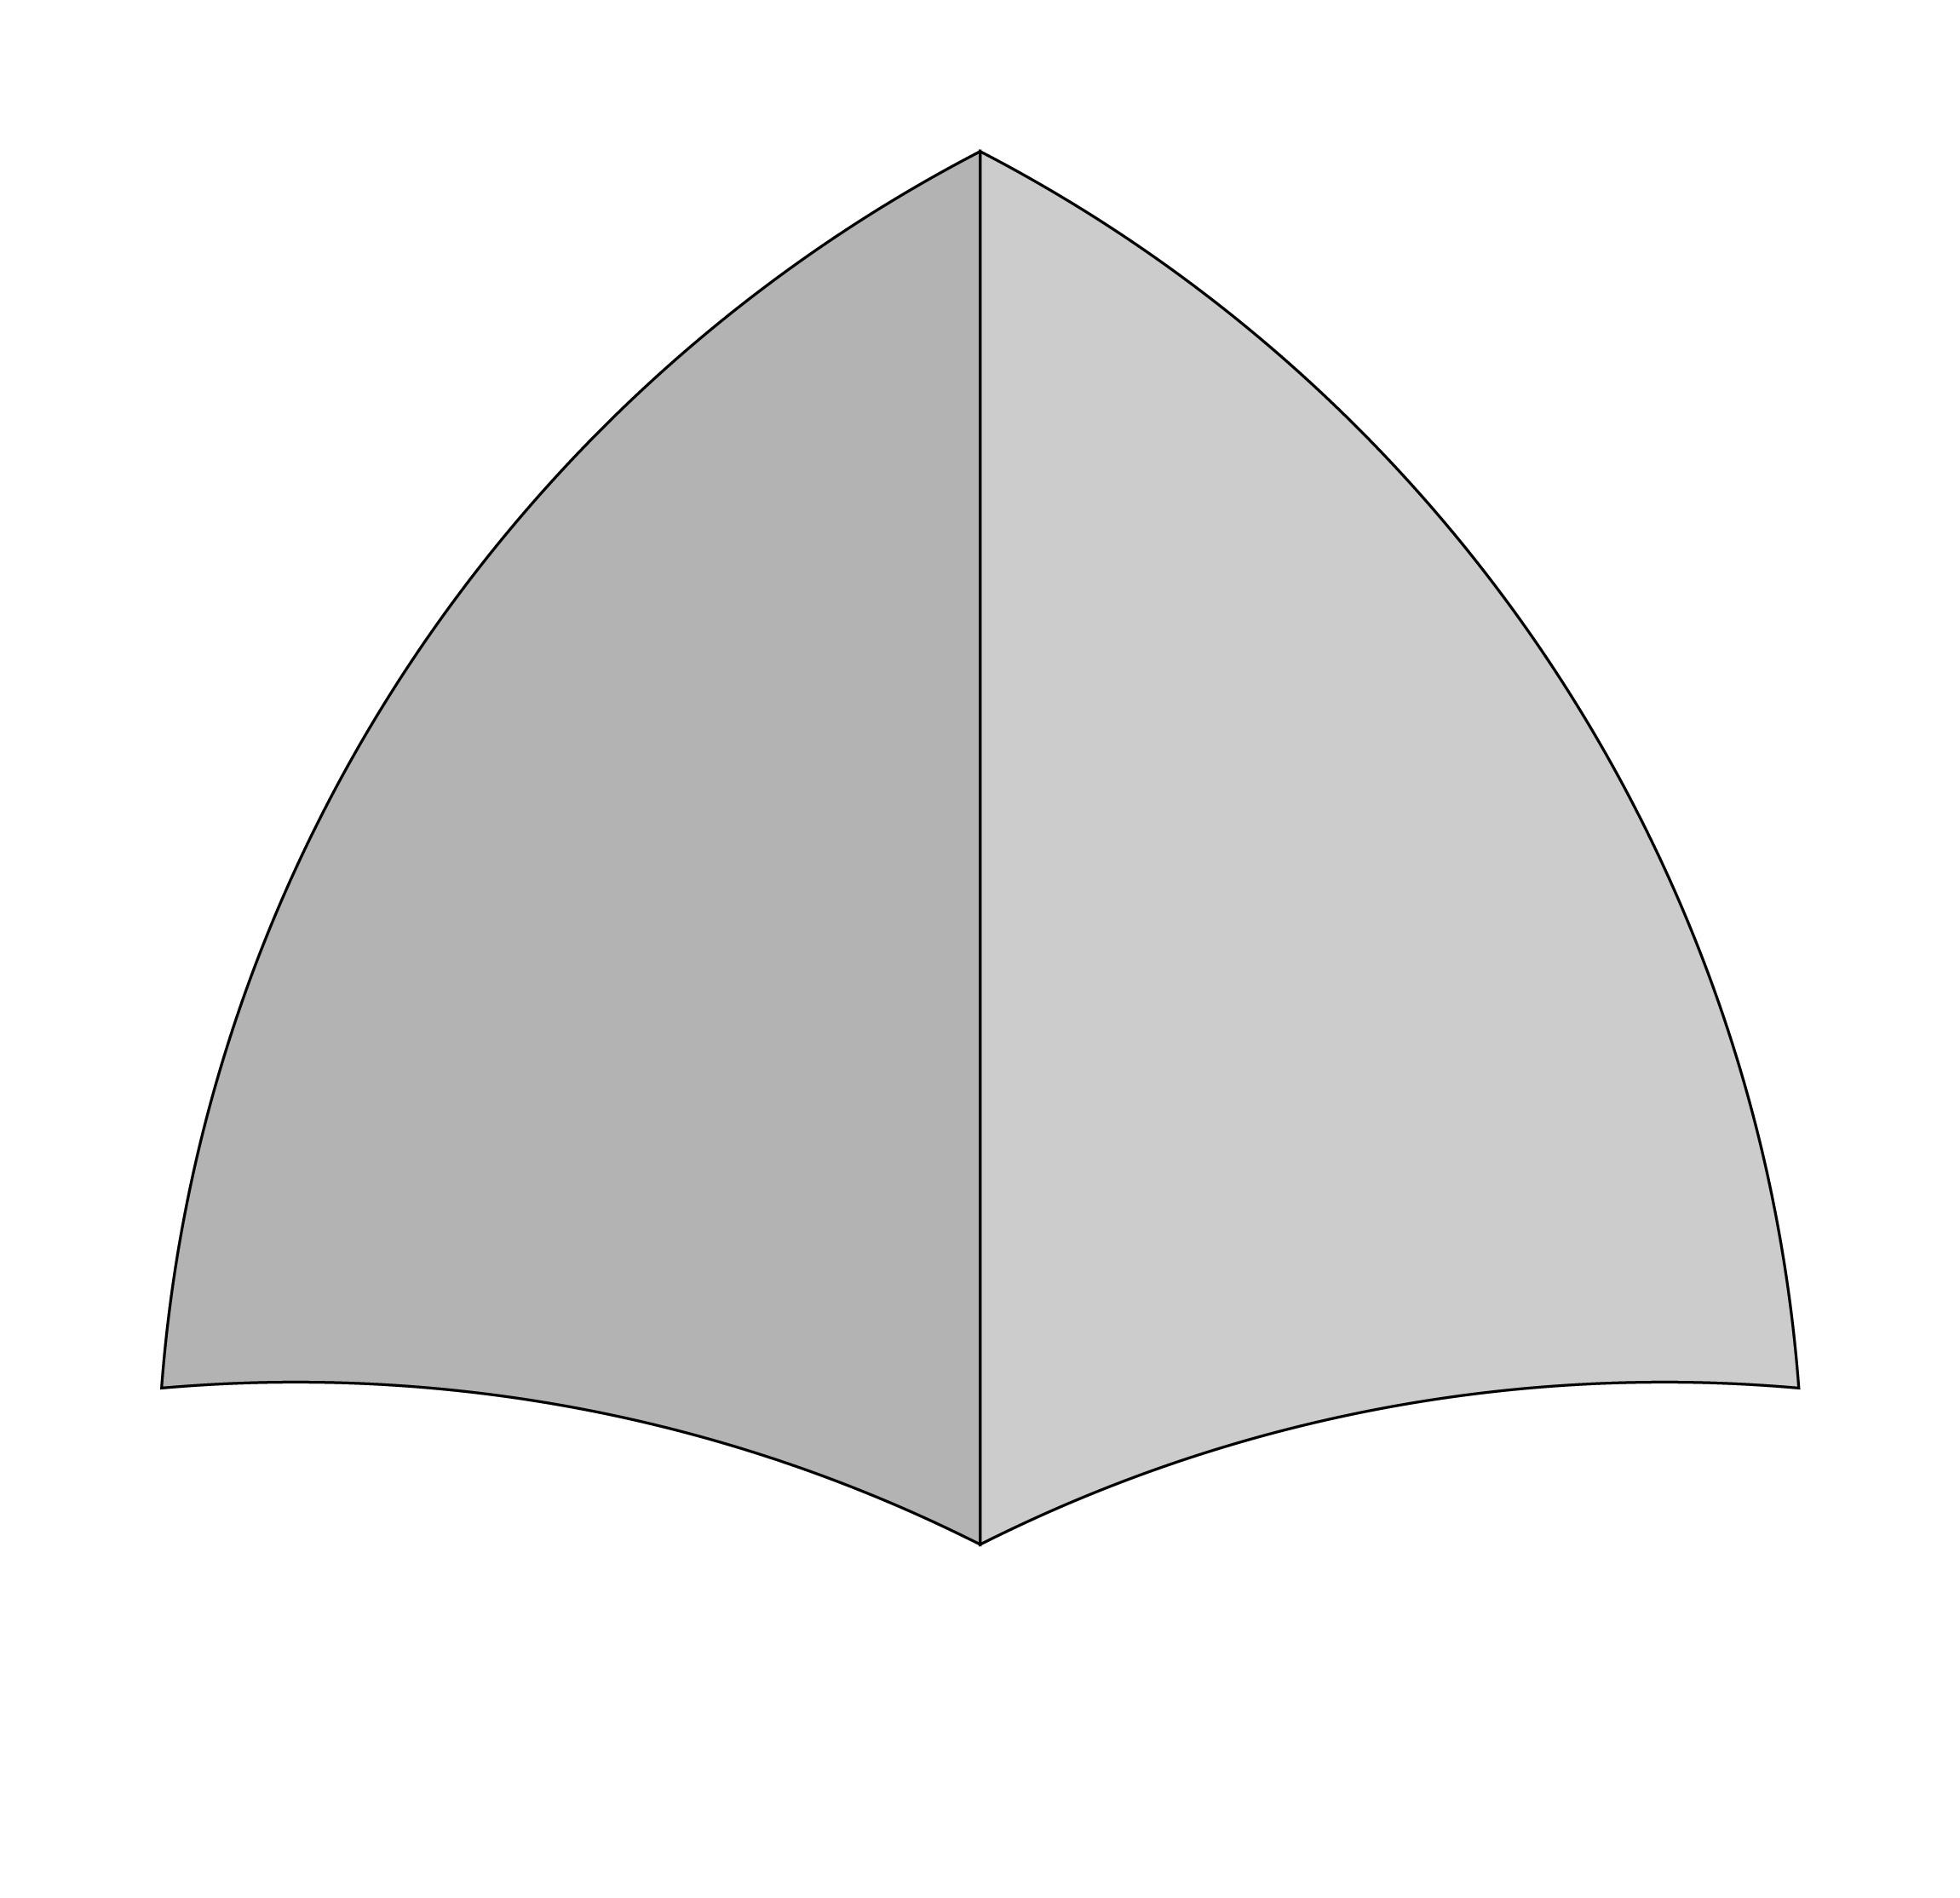 diagrams_2-03